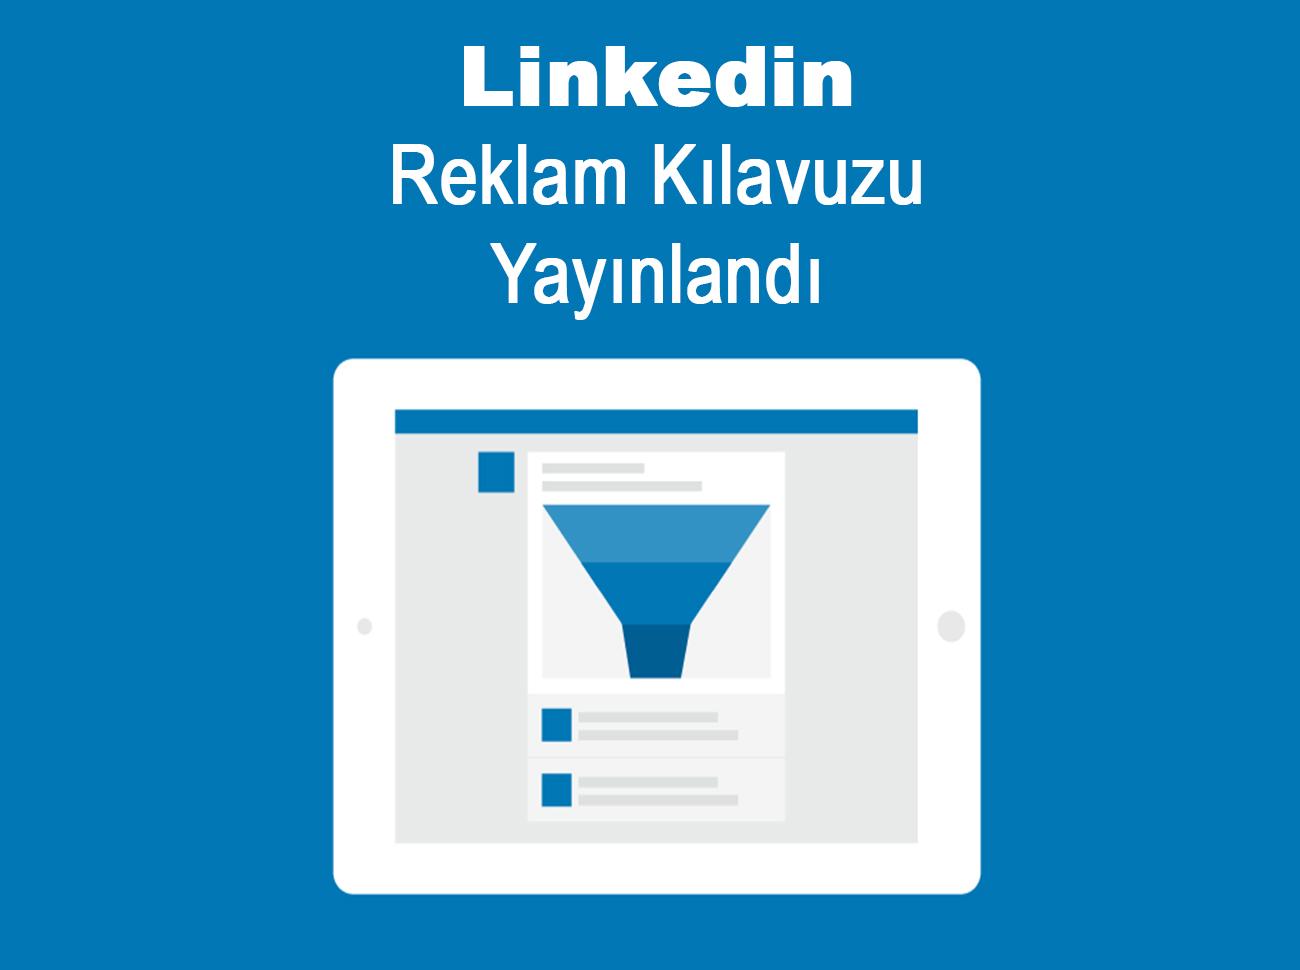 Linkedin Reklam Kampanyaları İçin Kılavuz Yayınladı